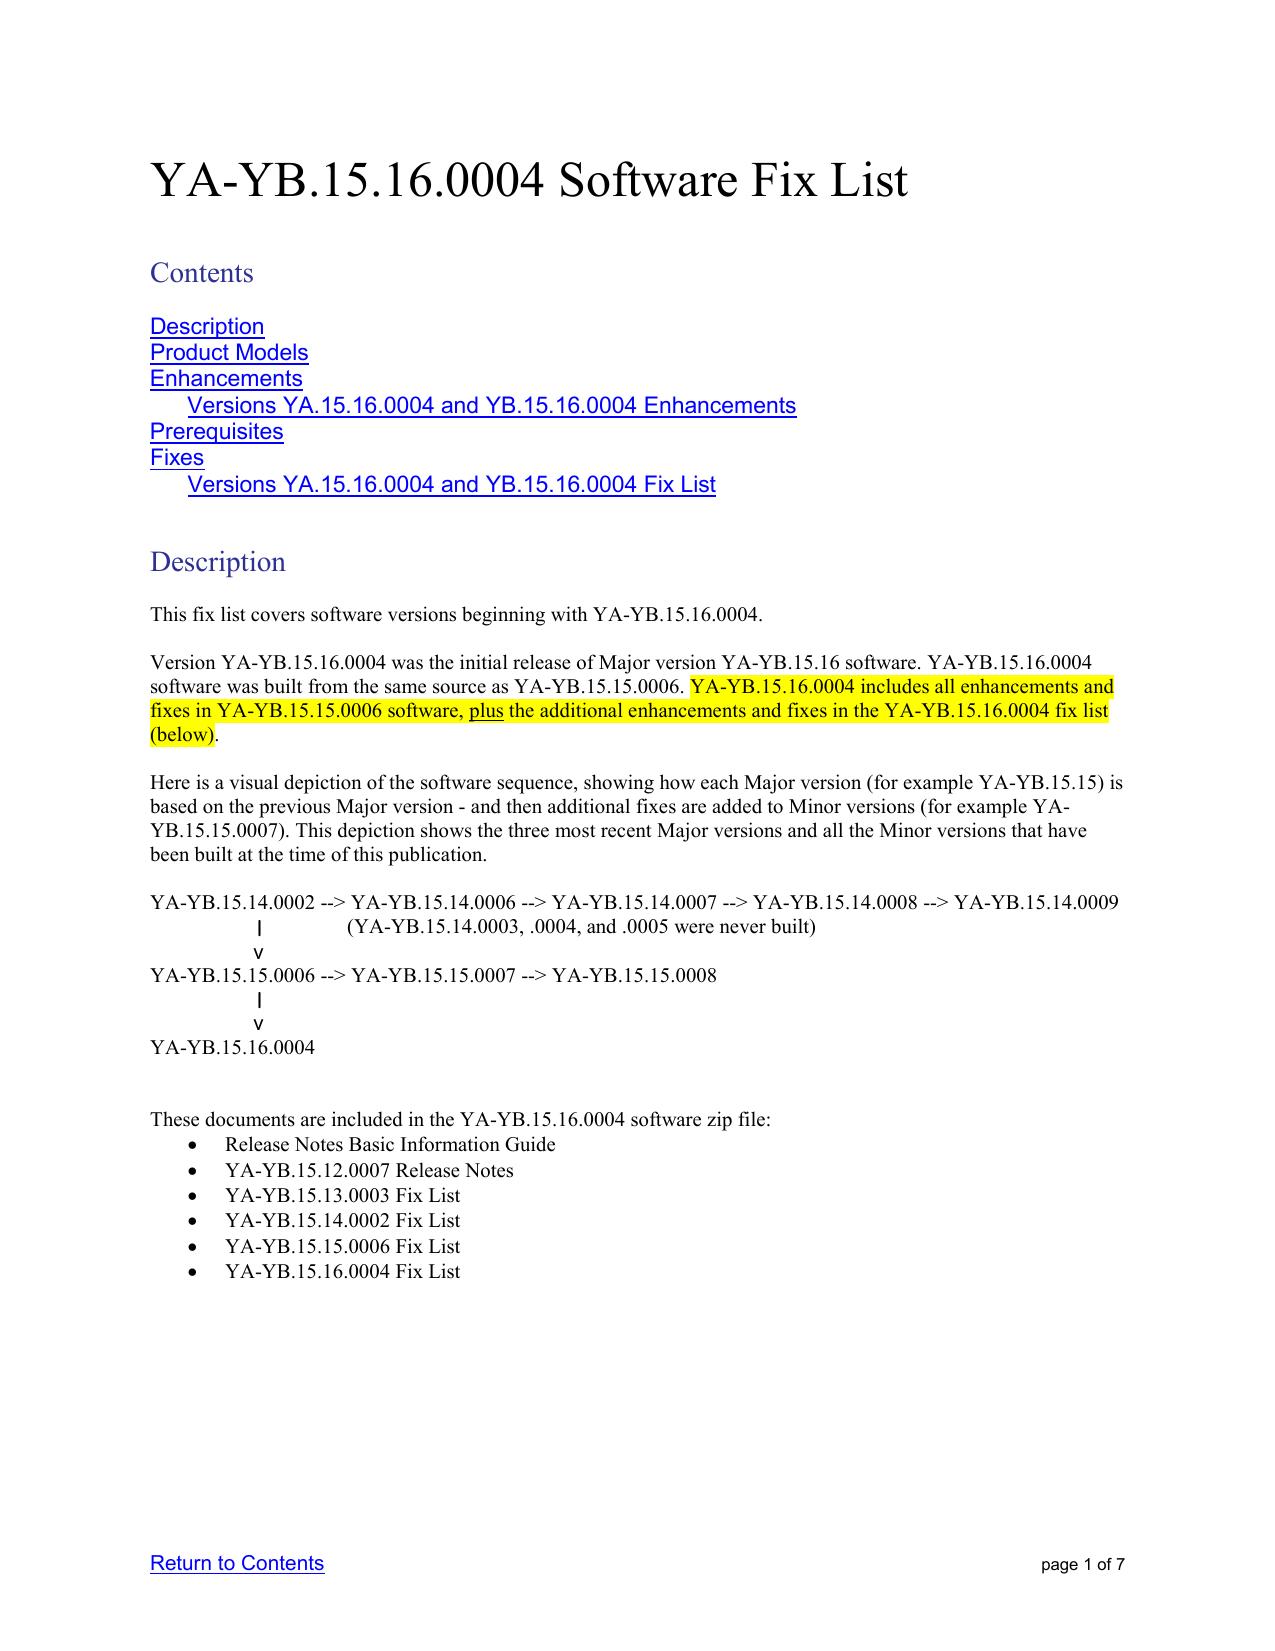 ... Array - fix list version ya yb 15 16 0004 software rh studylib ...